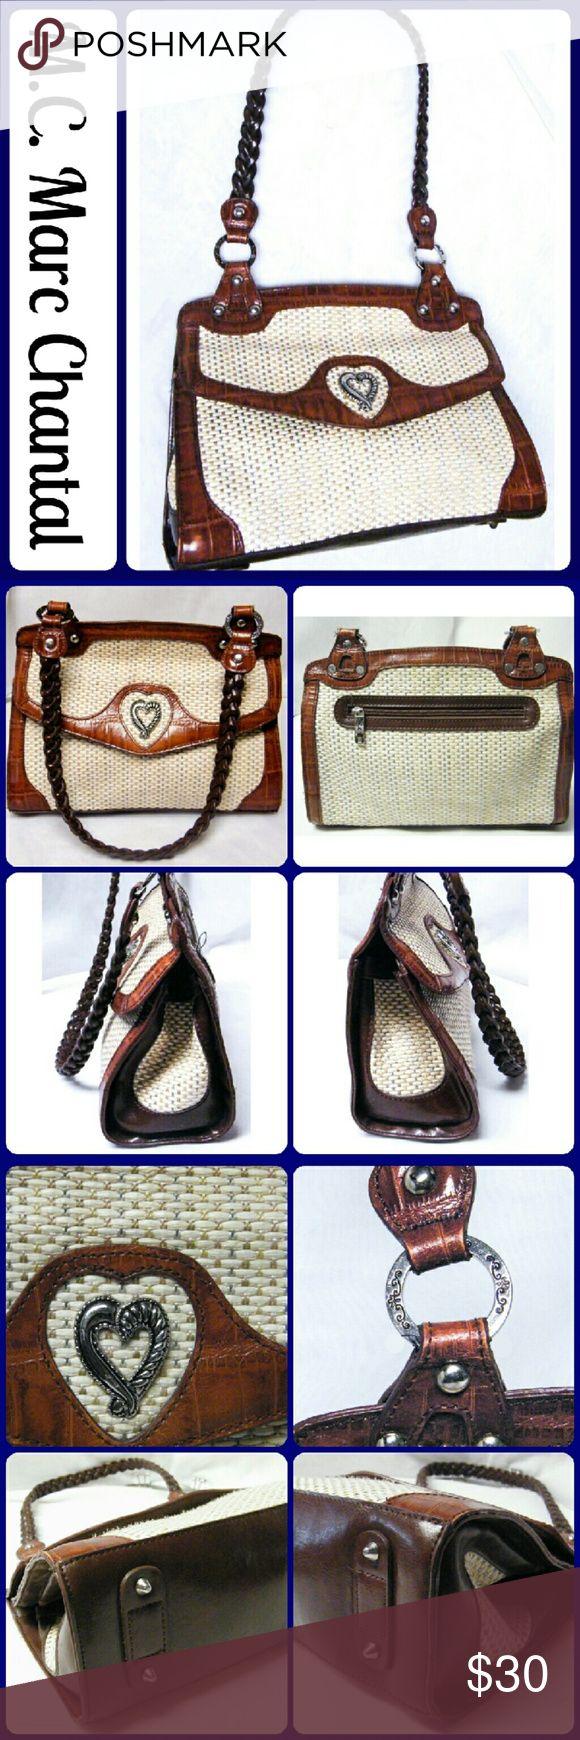 """M.C. Marc Chantal Croc/Sand Weave Shoulder Bag This is a pre-owned M.C. Marc Chantal Brown Croc /Sand Weave Shoulder Handbag. This purse is in excellent condition. Measures - Height 8"""", Length 11.5"""", strap drop 11"""" M.C. by Marc Chantal Bags Satchels"""